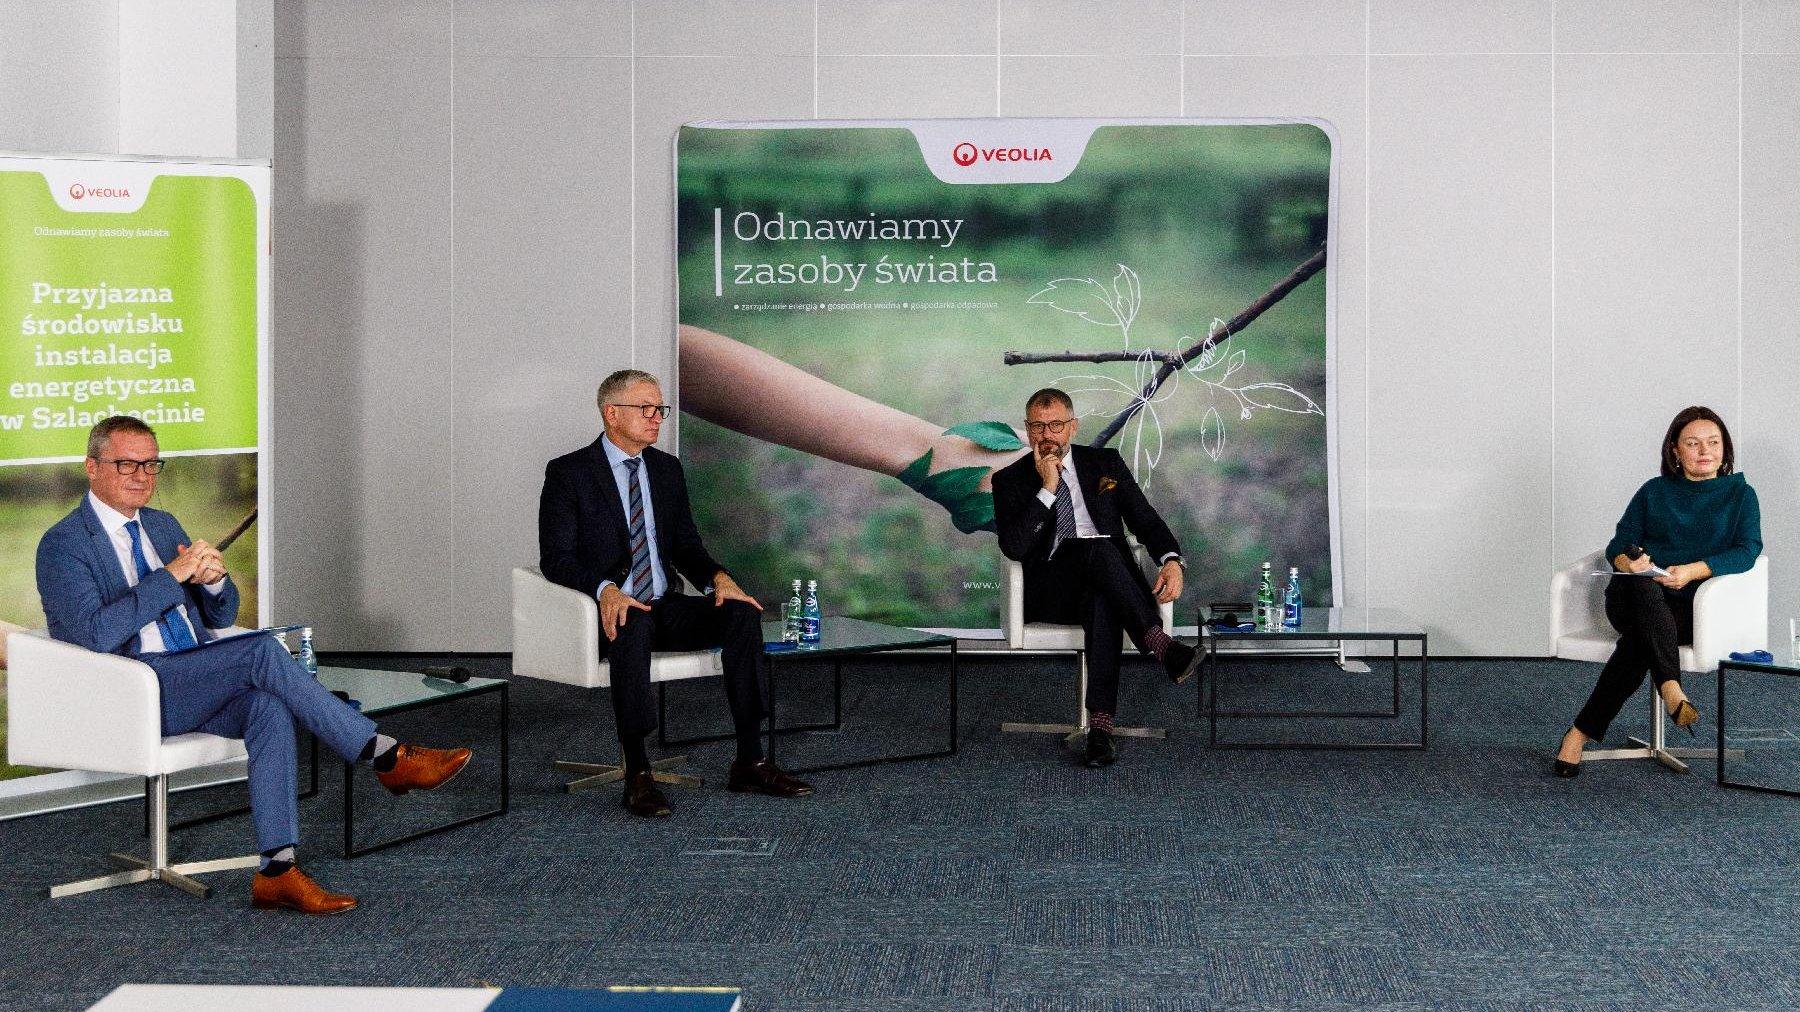 Konferencja prasowa. Przy małych stoliczkach siedzą prezydent Poznania i przedstawiciele Veolii. - grafika artykułu